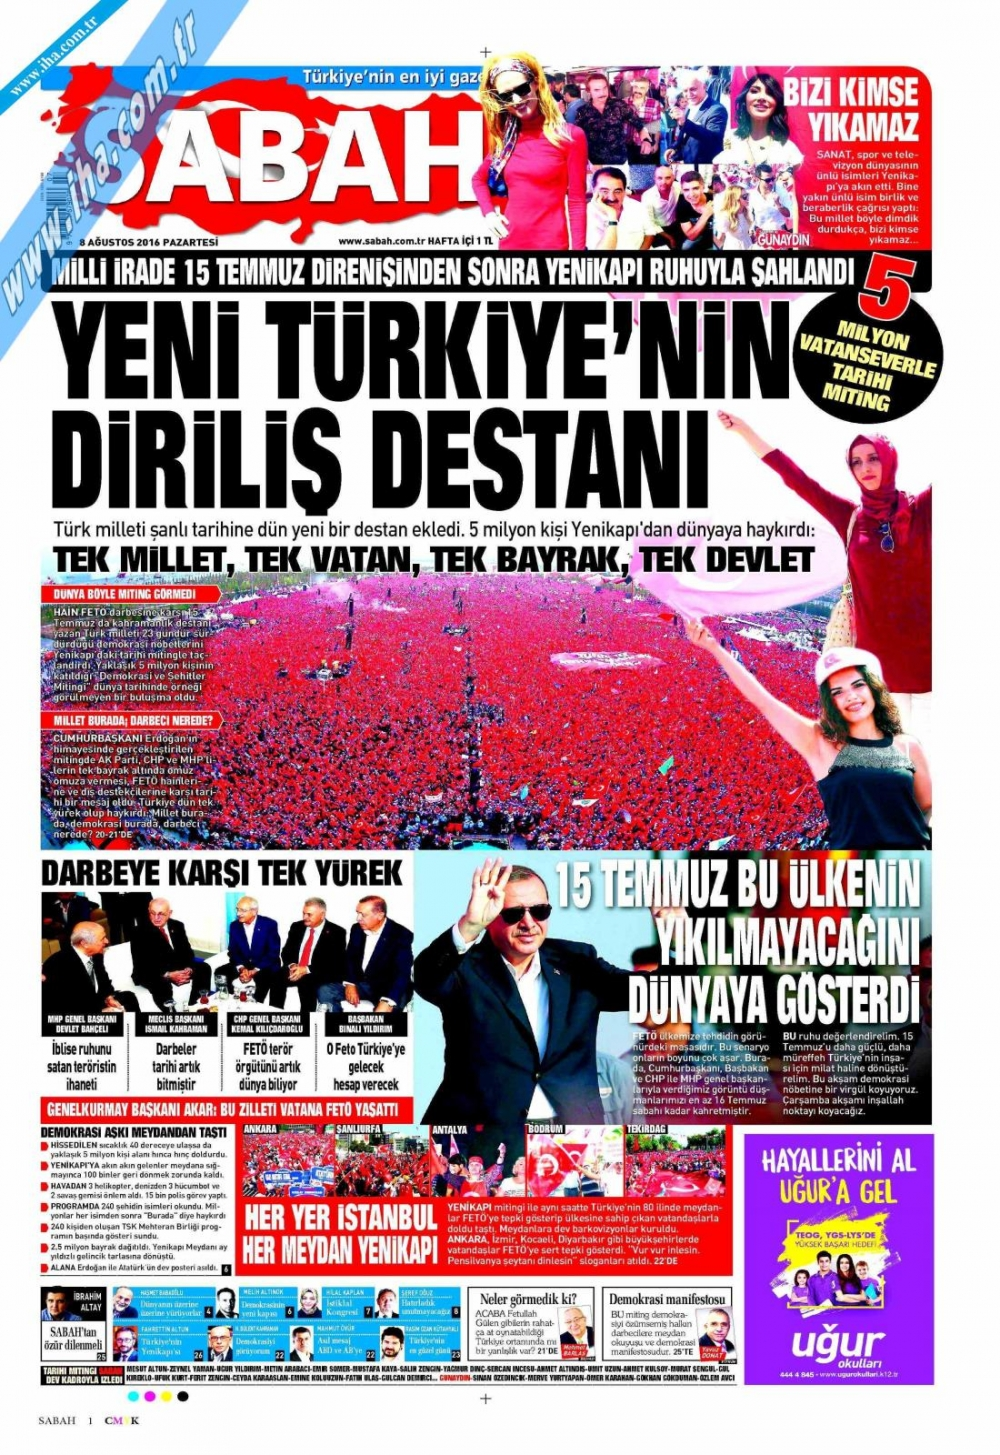 Gazeteler tarihi Yenikapı Mitingi'ni böyle gördü 15